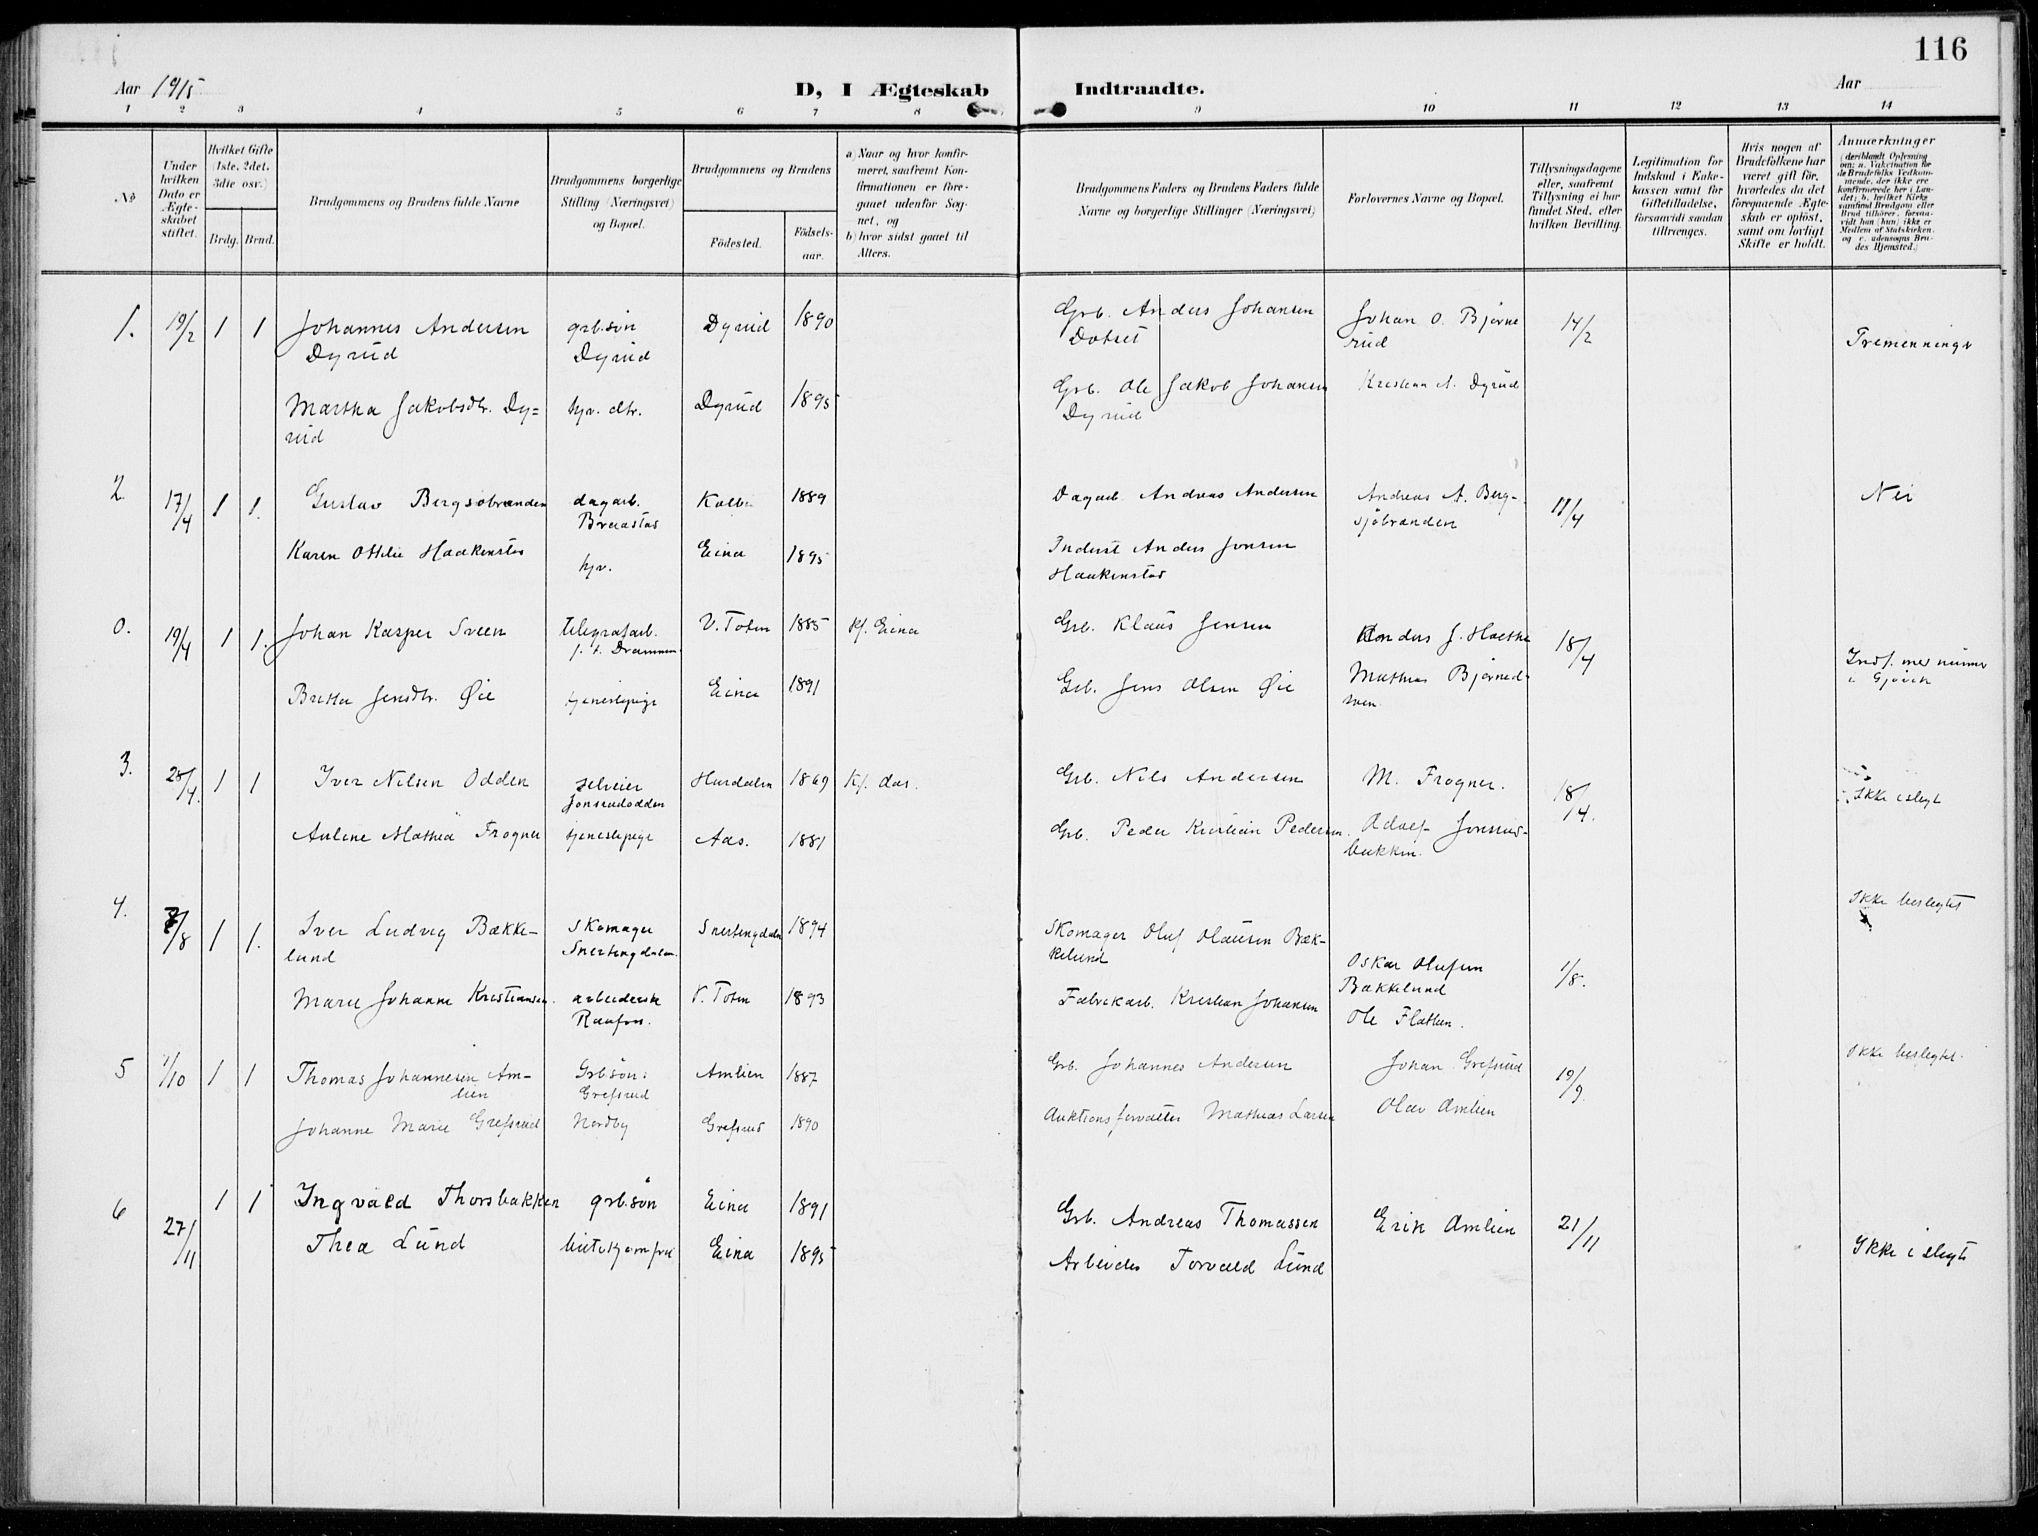 SAH, Kolbu prestekontor, Ministerialbok nr. 1, 1907-1923, s. 116